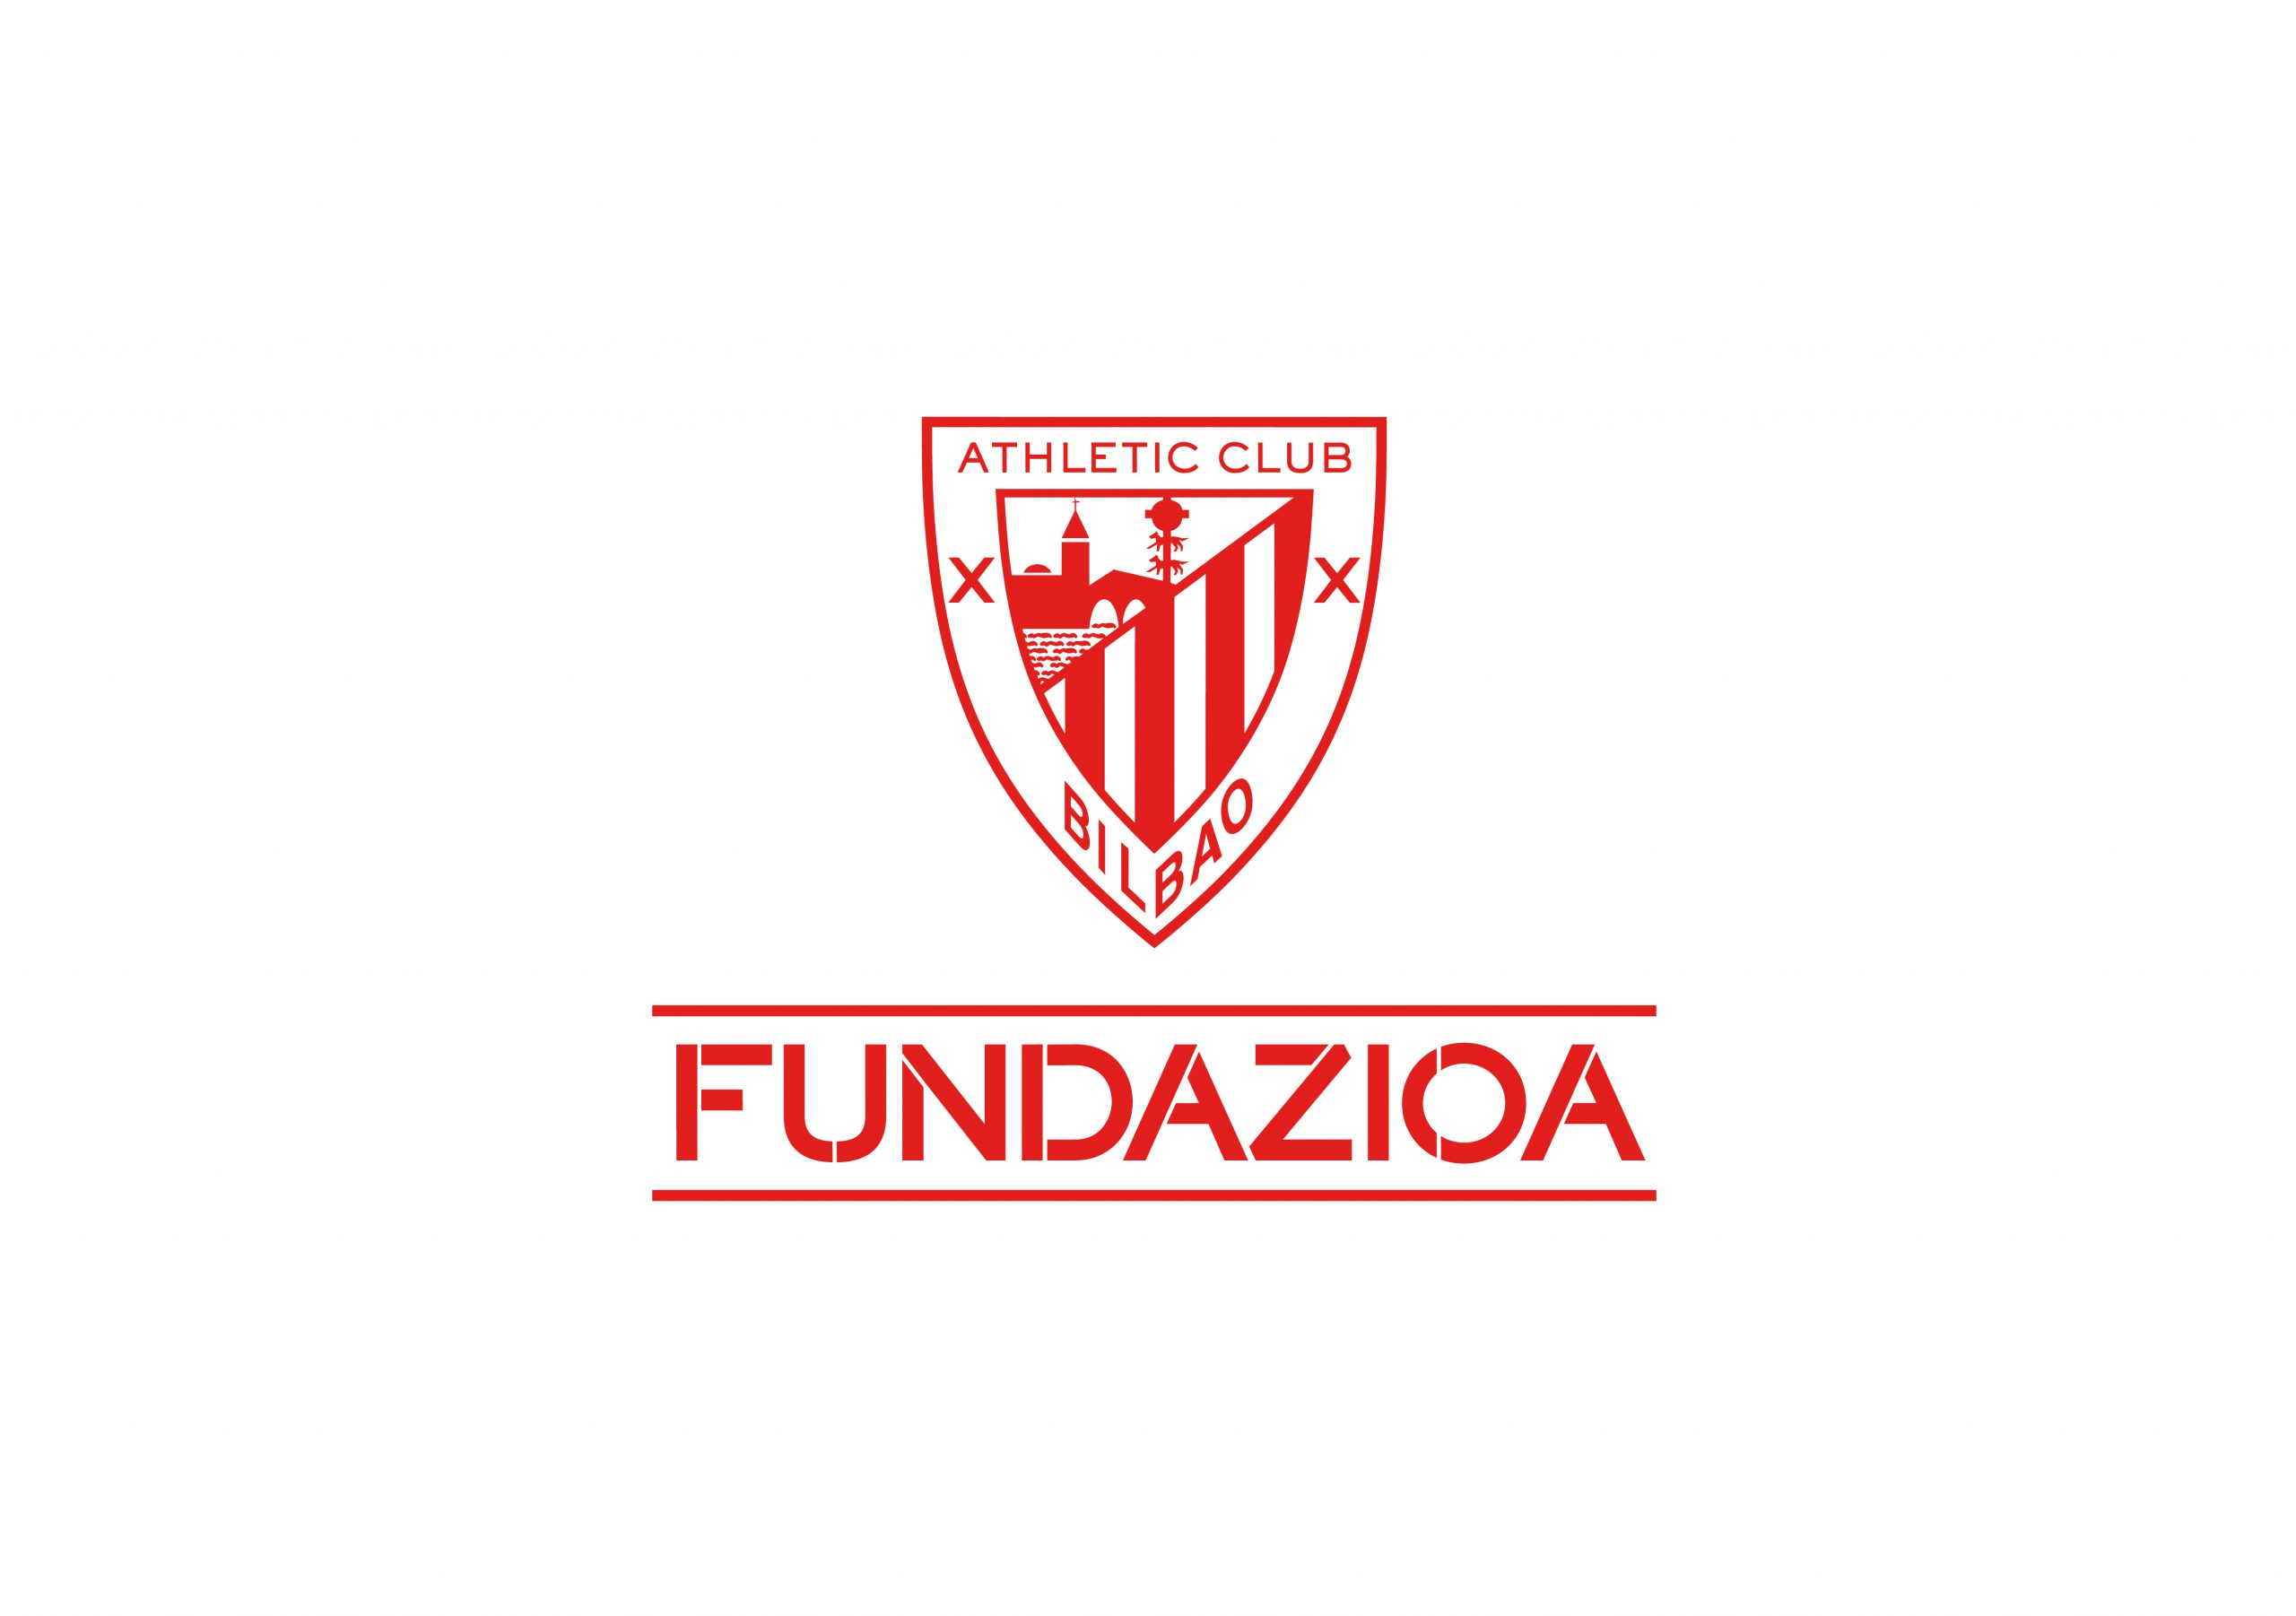 Athletic Club Fundazioa